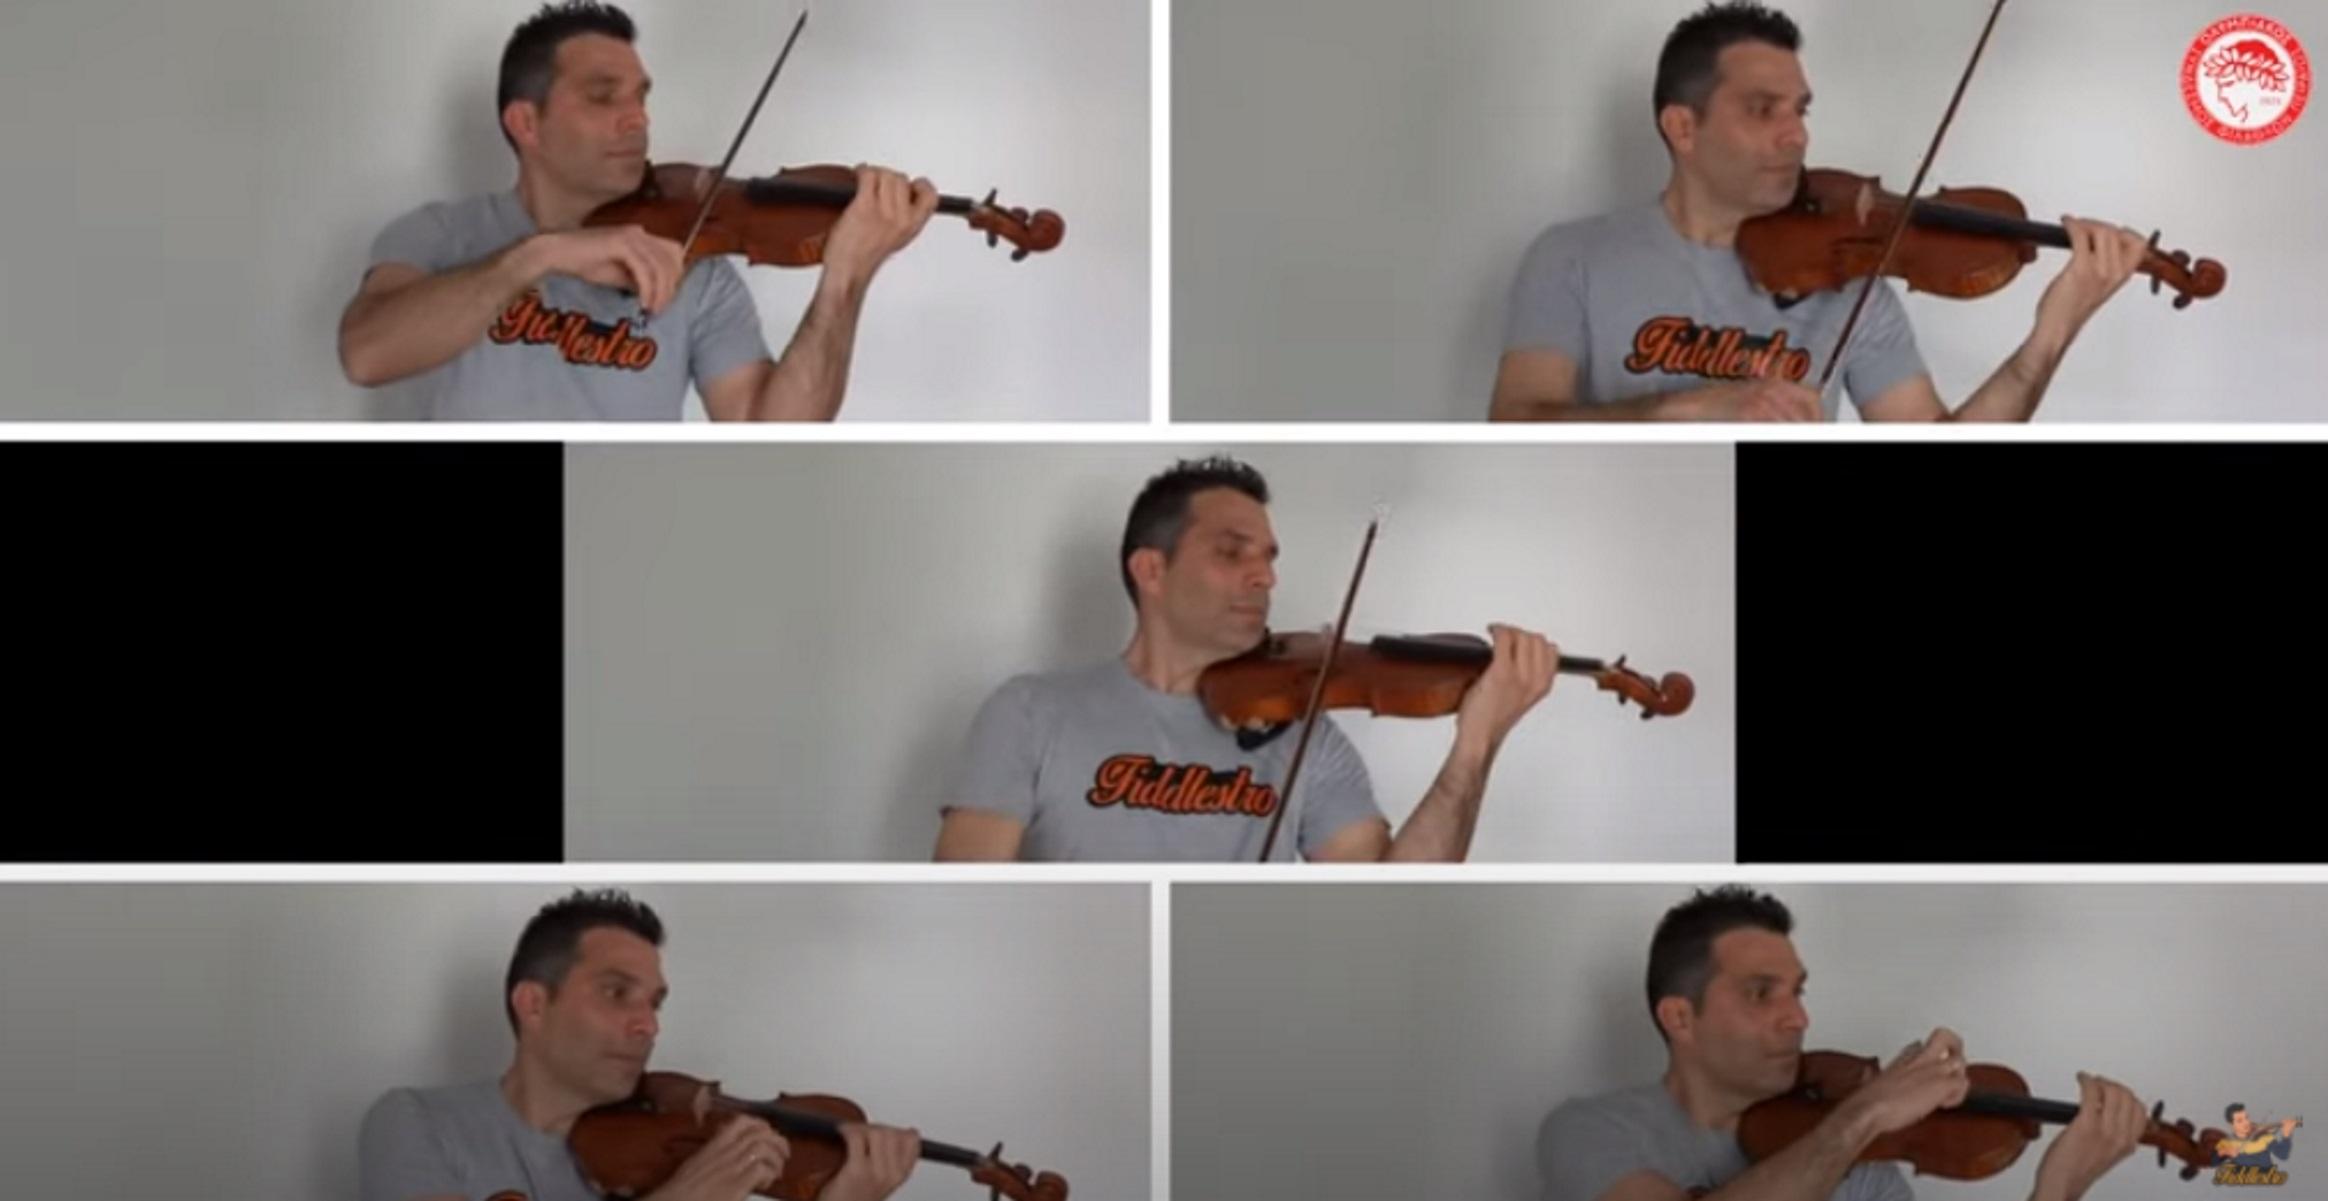 Ο βιολιστής που παίζει τους ύμνους θρυλικών ομάδων – Ακούστε τους